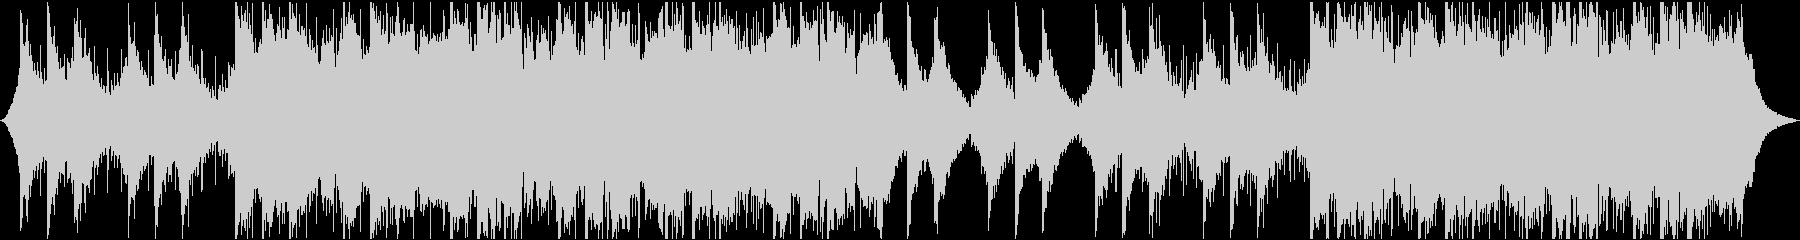 企業プレゼンテーションビジネスピアノの未再生の波形